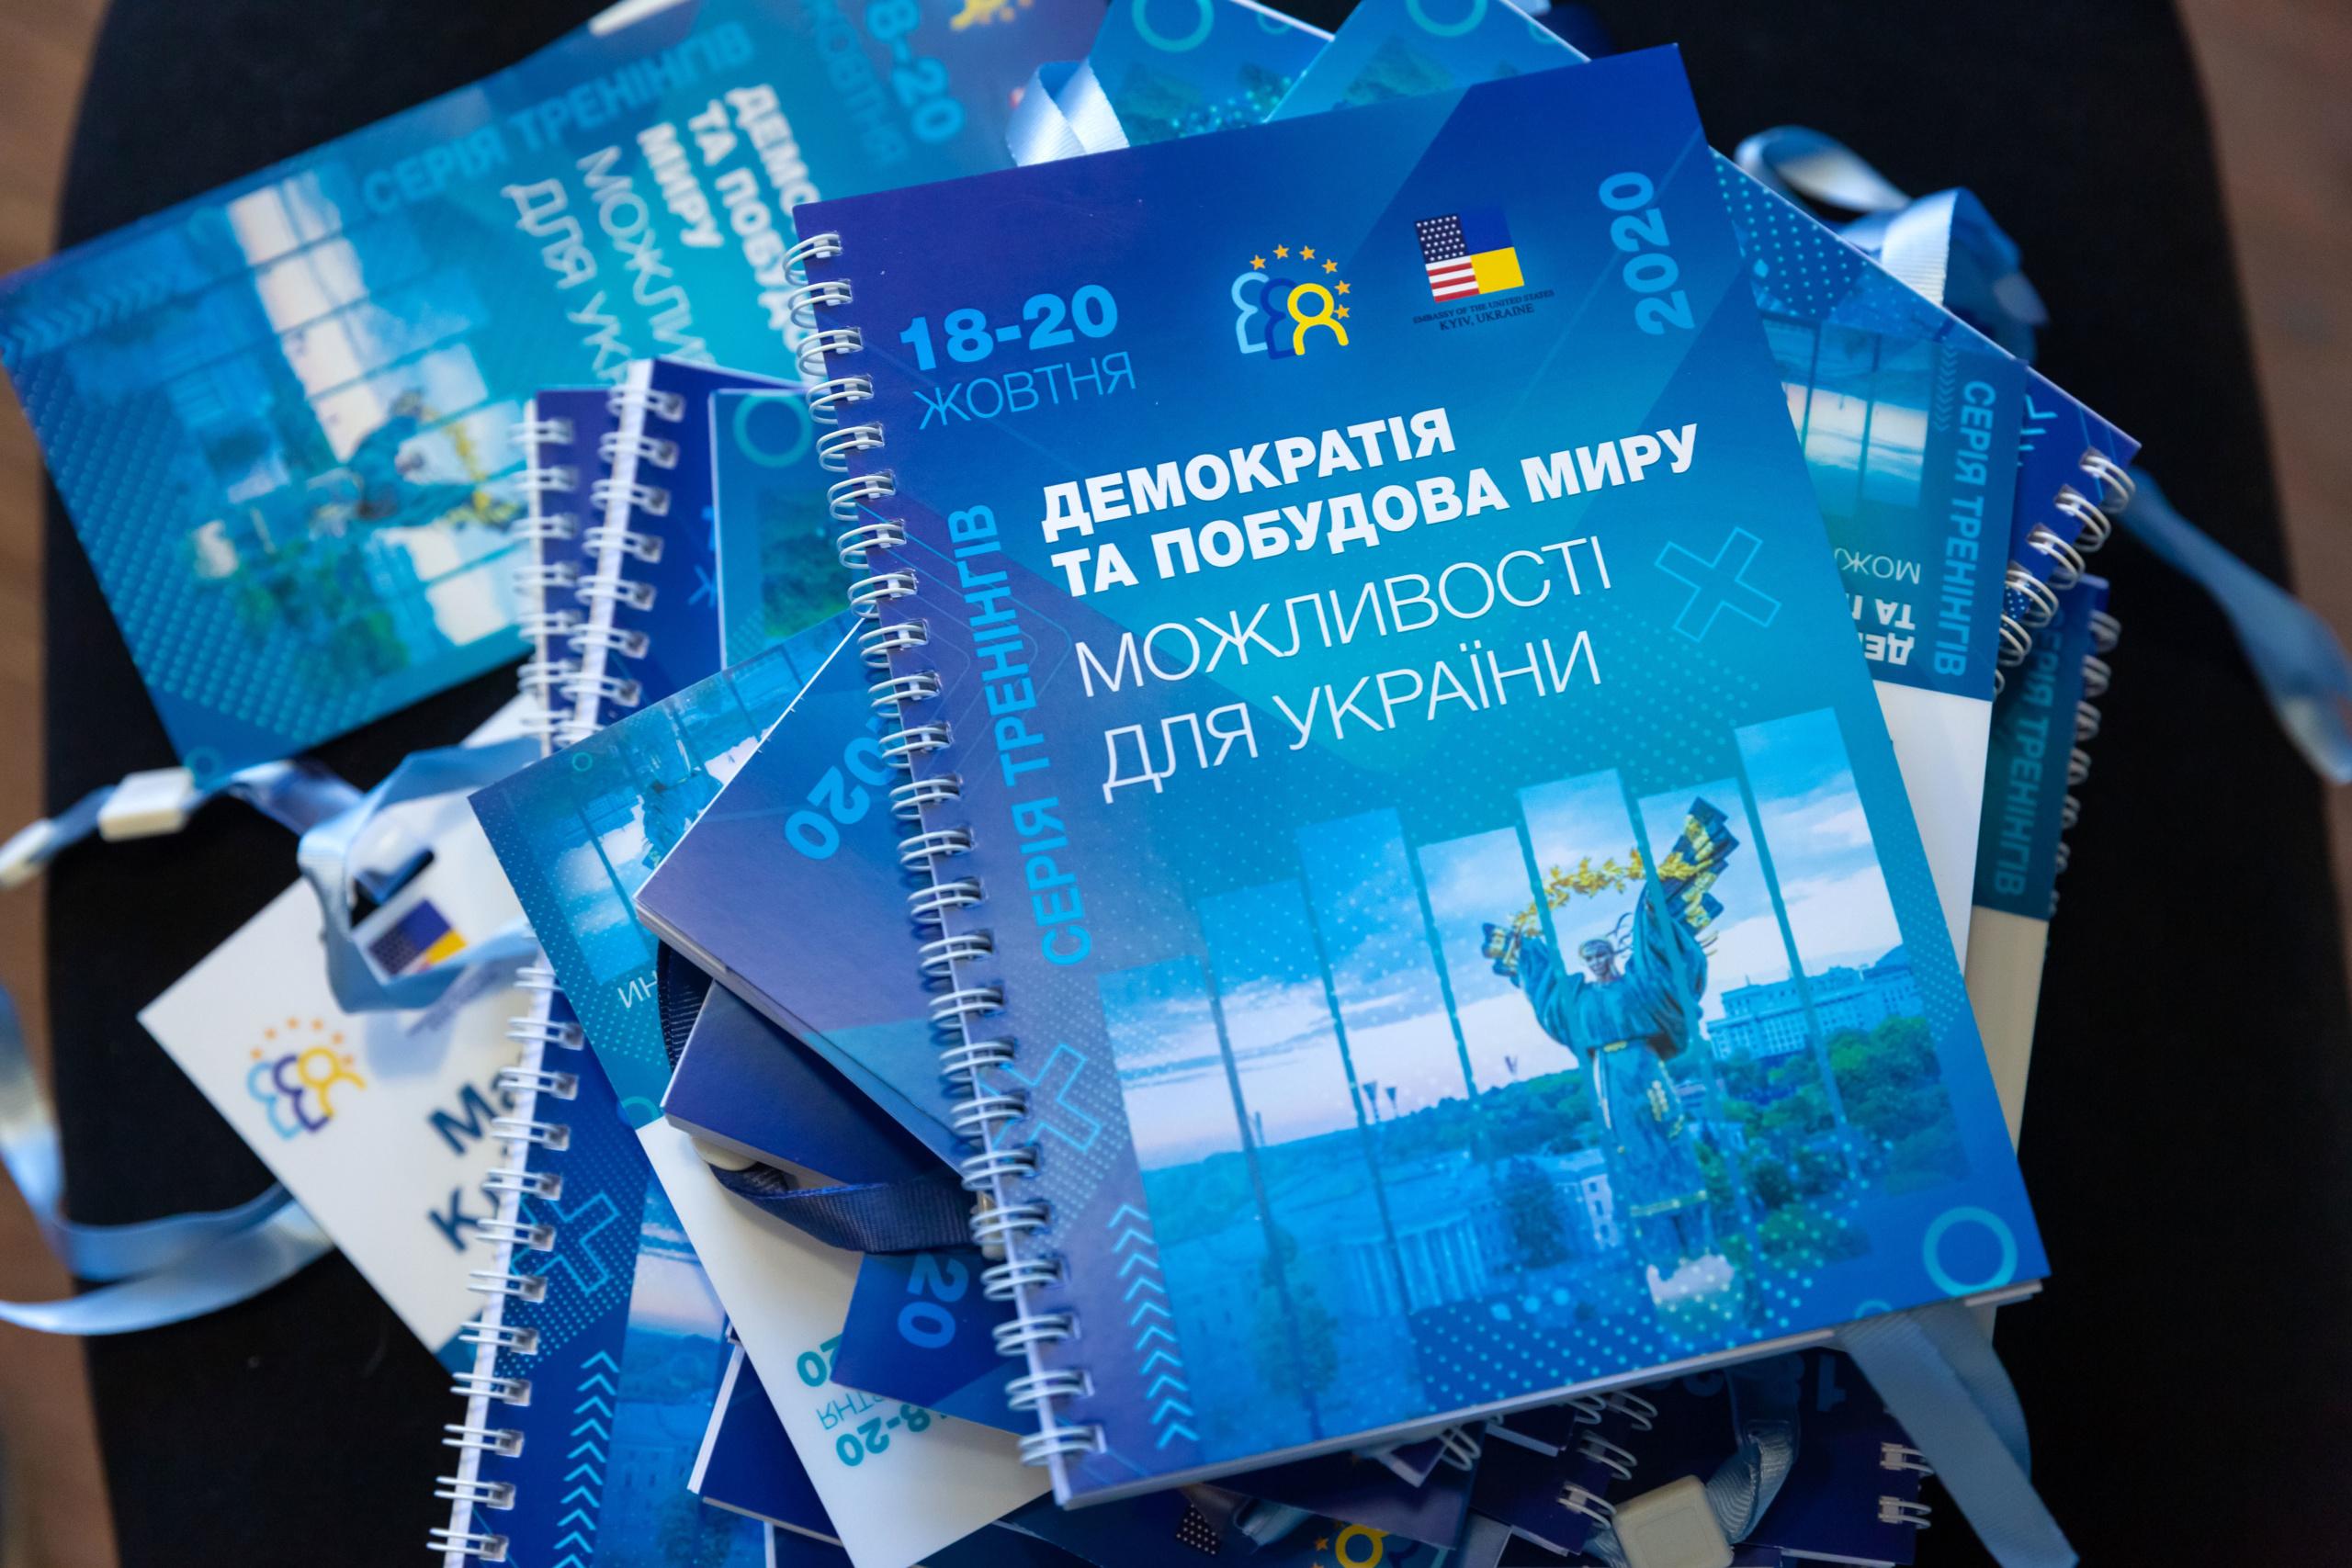 Серія тренінгів Демократія та побудова миру. Можливості для України. 18-20 жовтня 2020, Харків